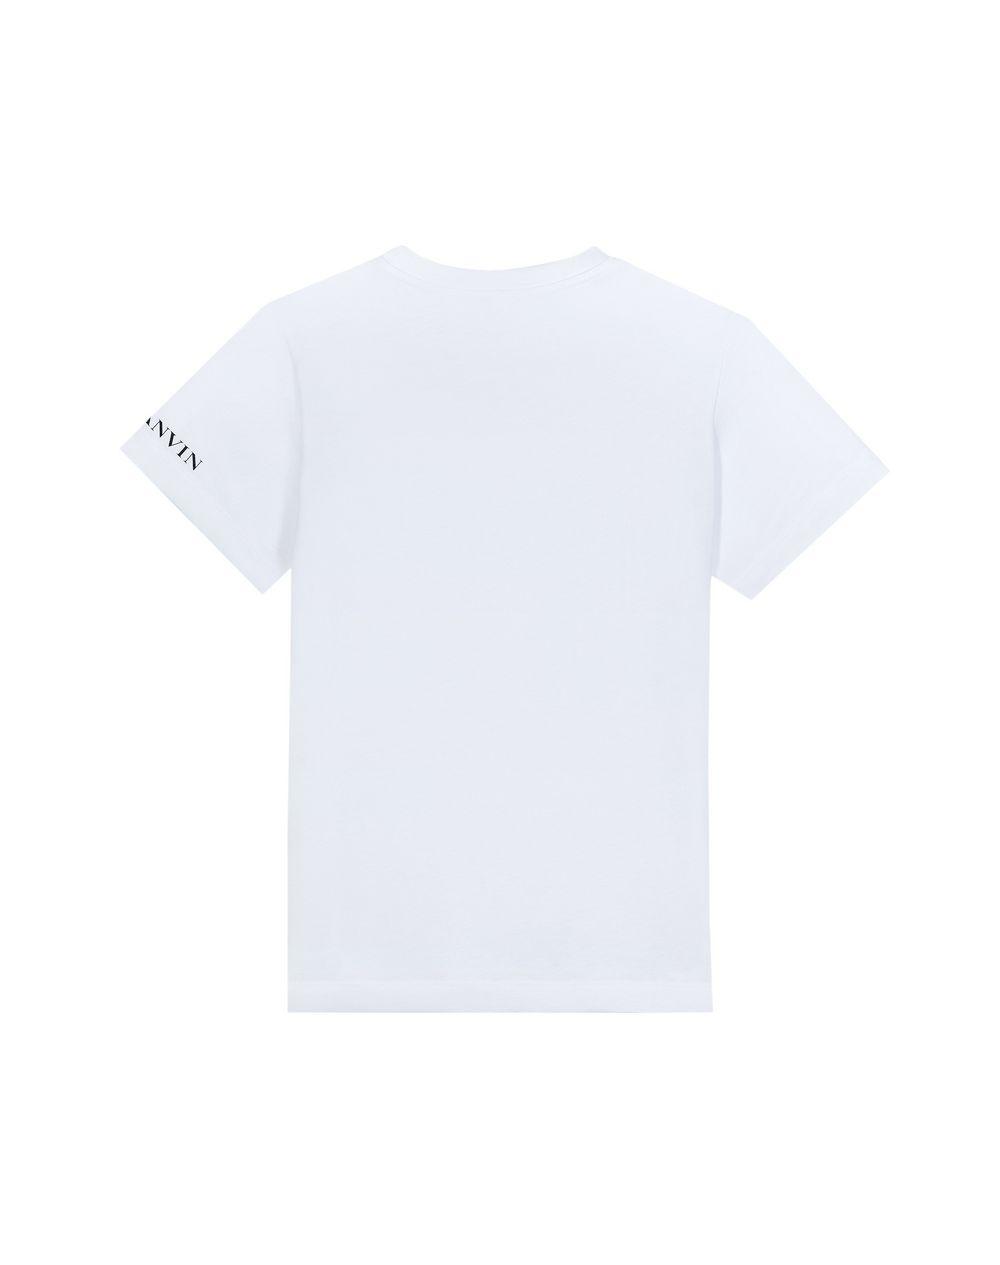 WHITE JURASSIC T-SHIRT  - Lanvin